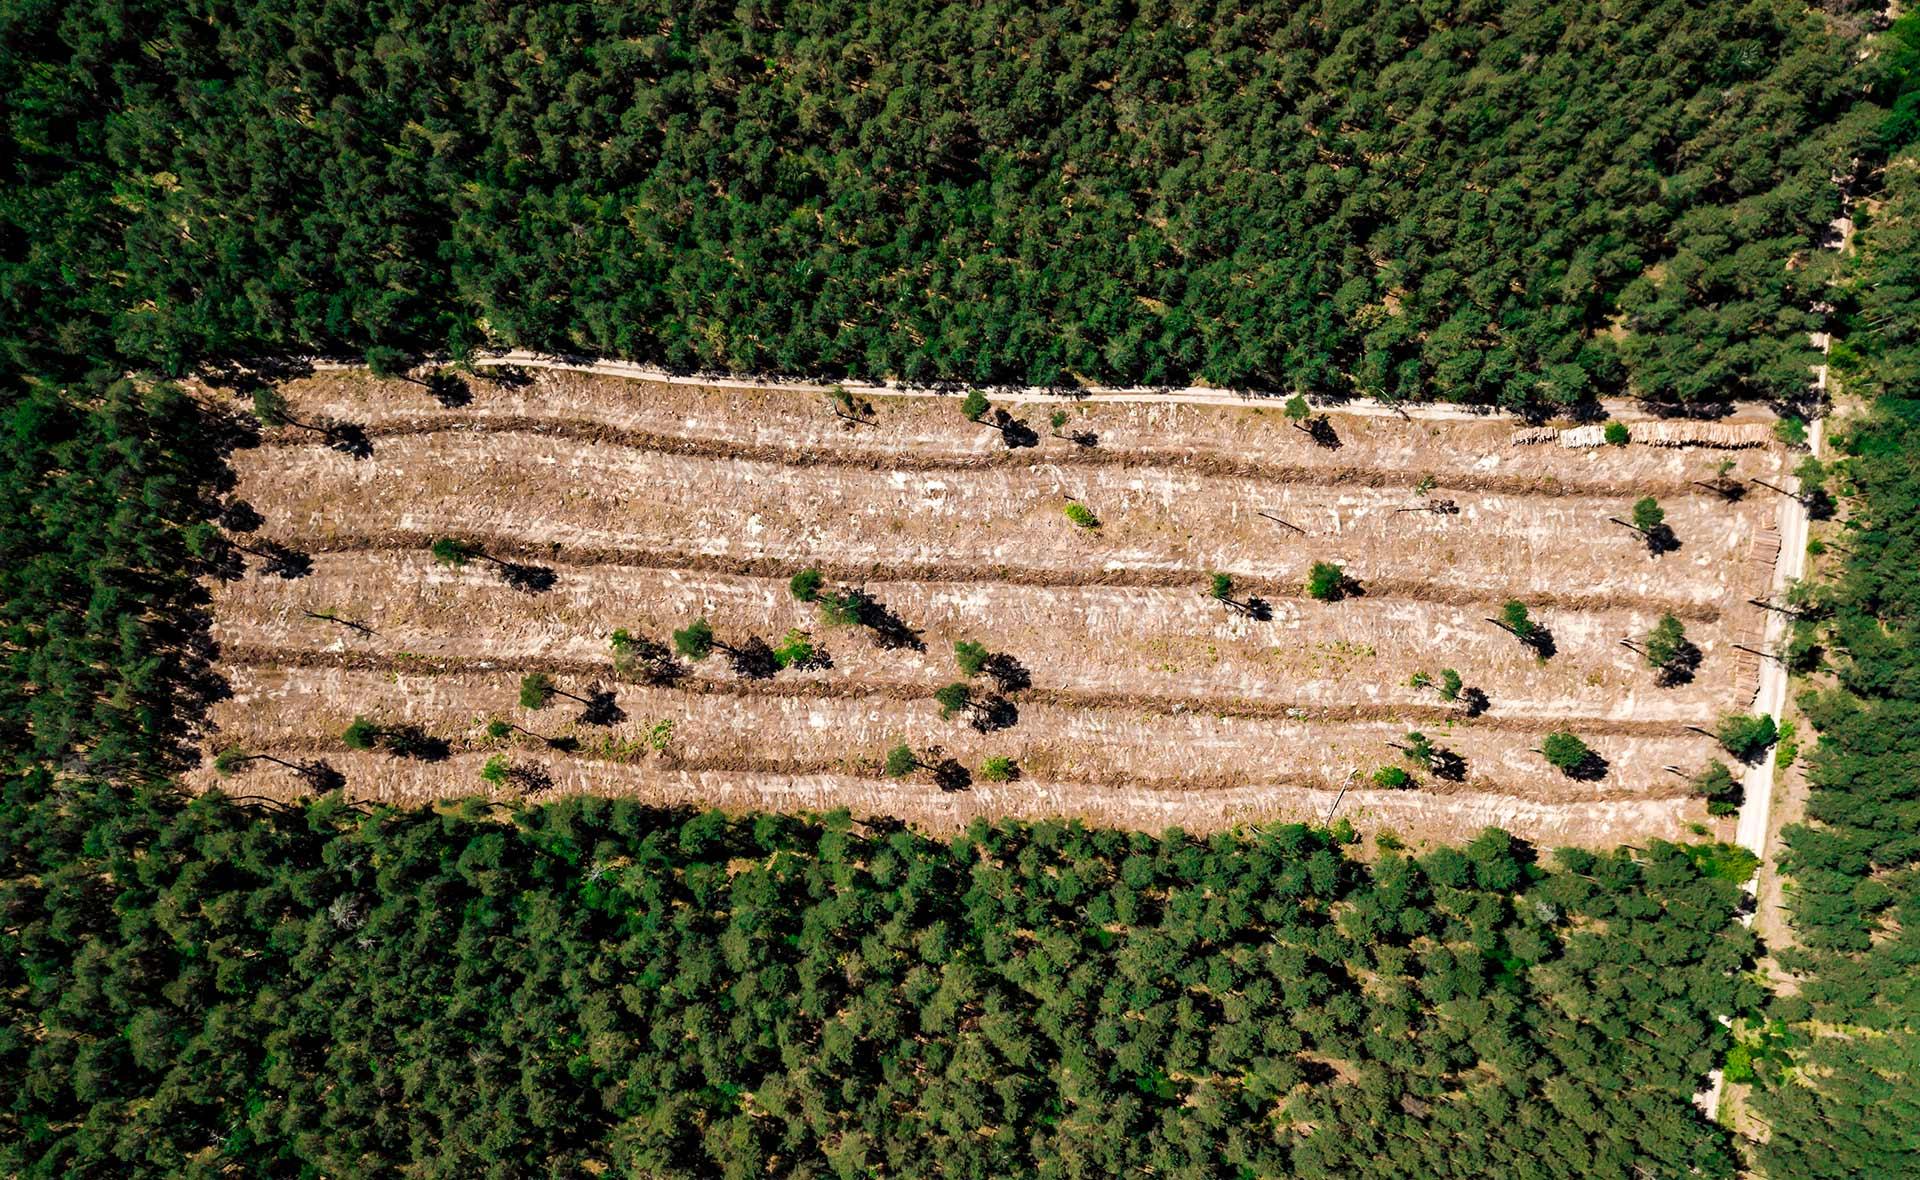 BBVA-deforestacion-sostenibilidad-actividad-humana-campo-naturaleza-destruccion-tierra